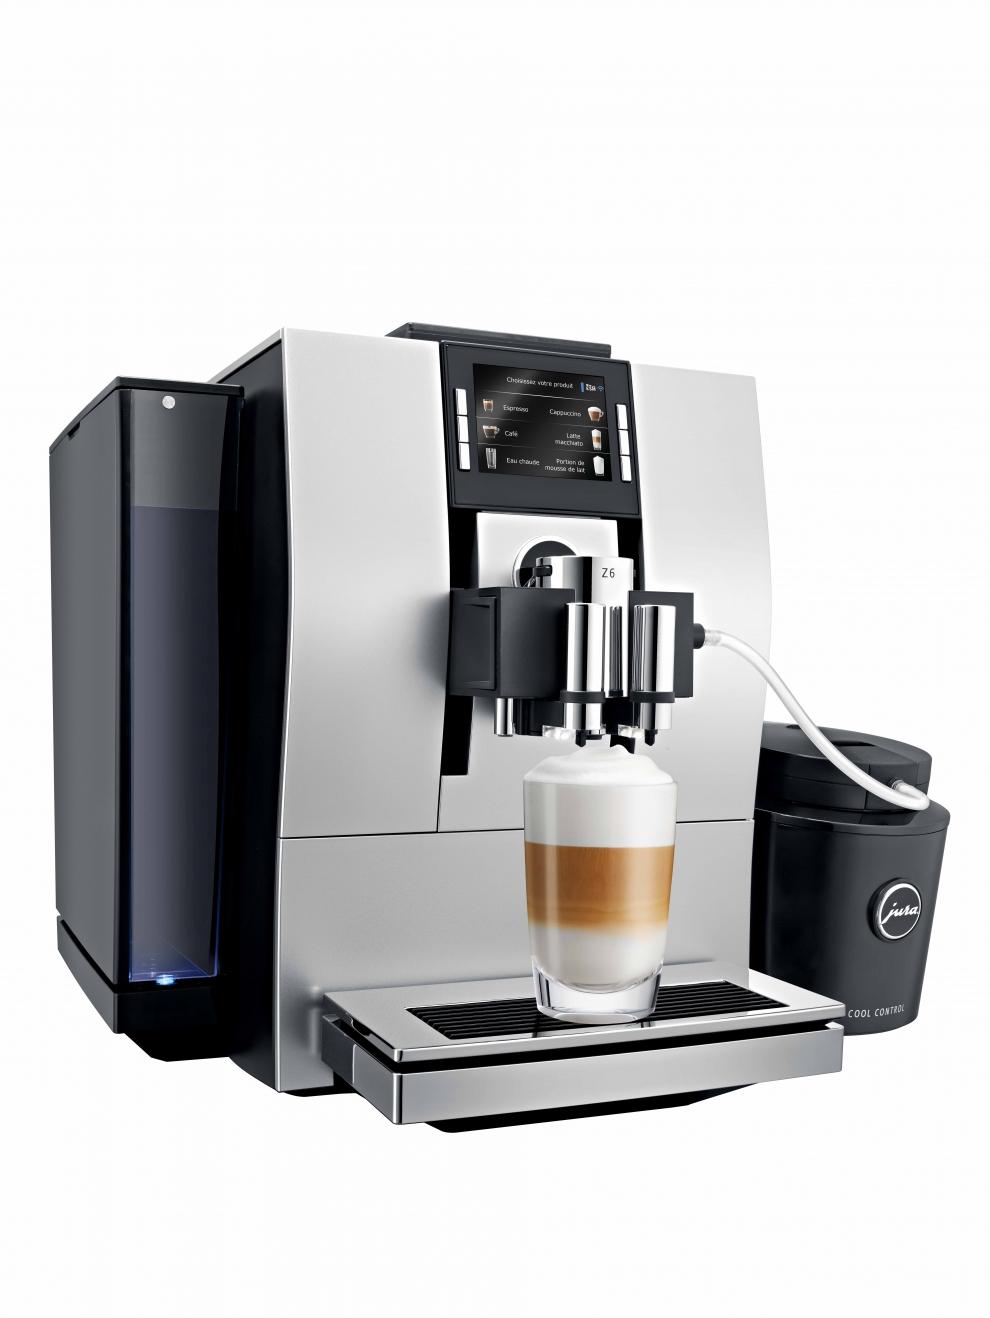 jura machine caf automatique avec broyeur z6 argent satin 15011 15011 achetez au. Black Bedroom Furniture Sets. Home Design Ideas